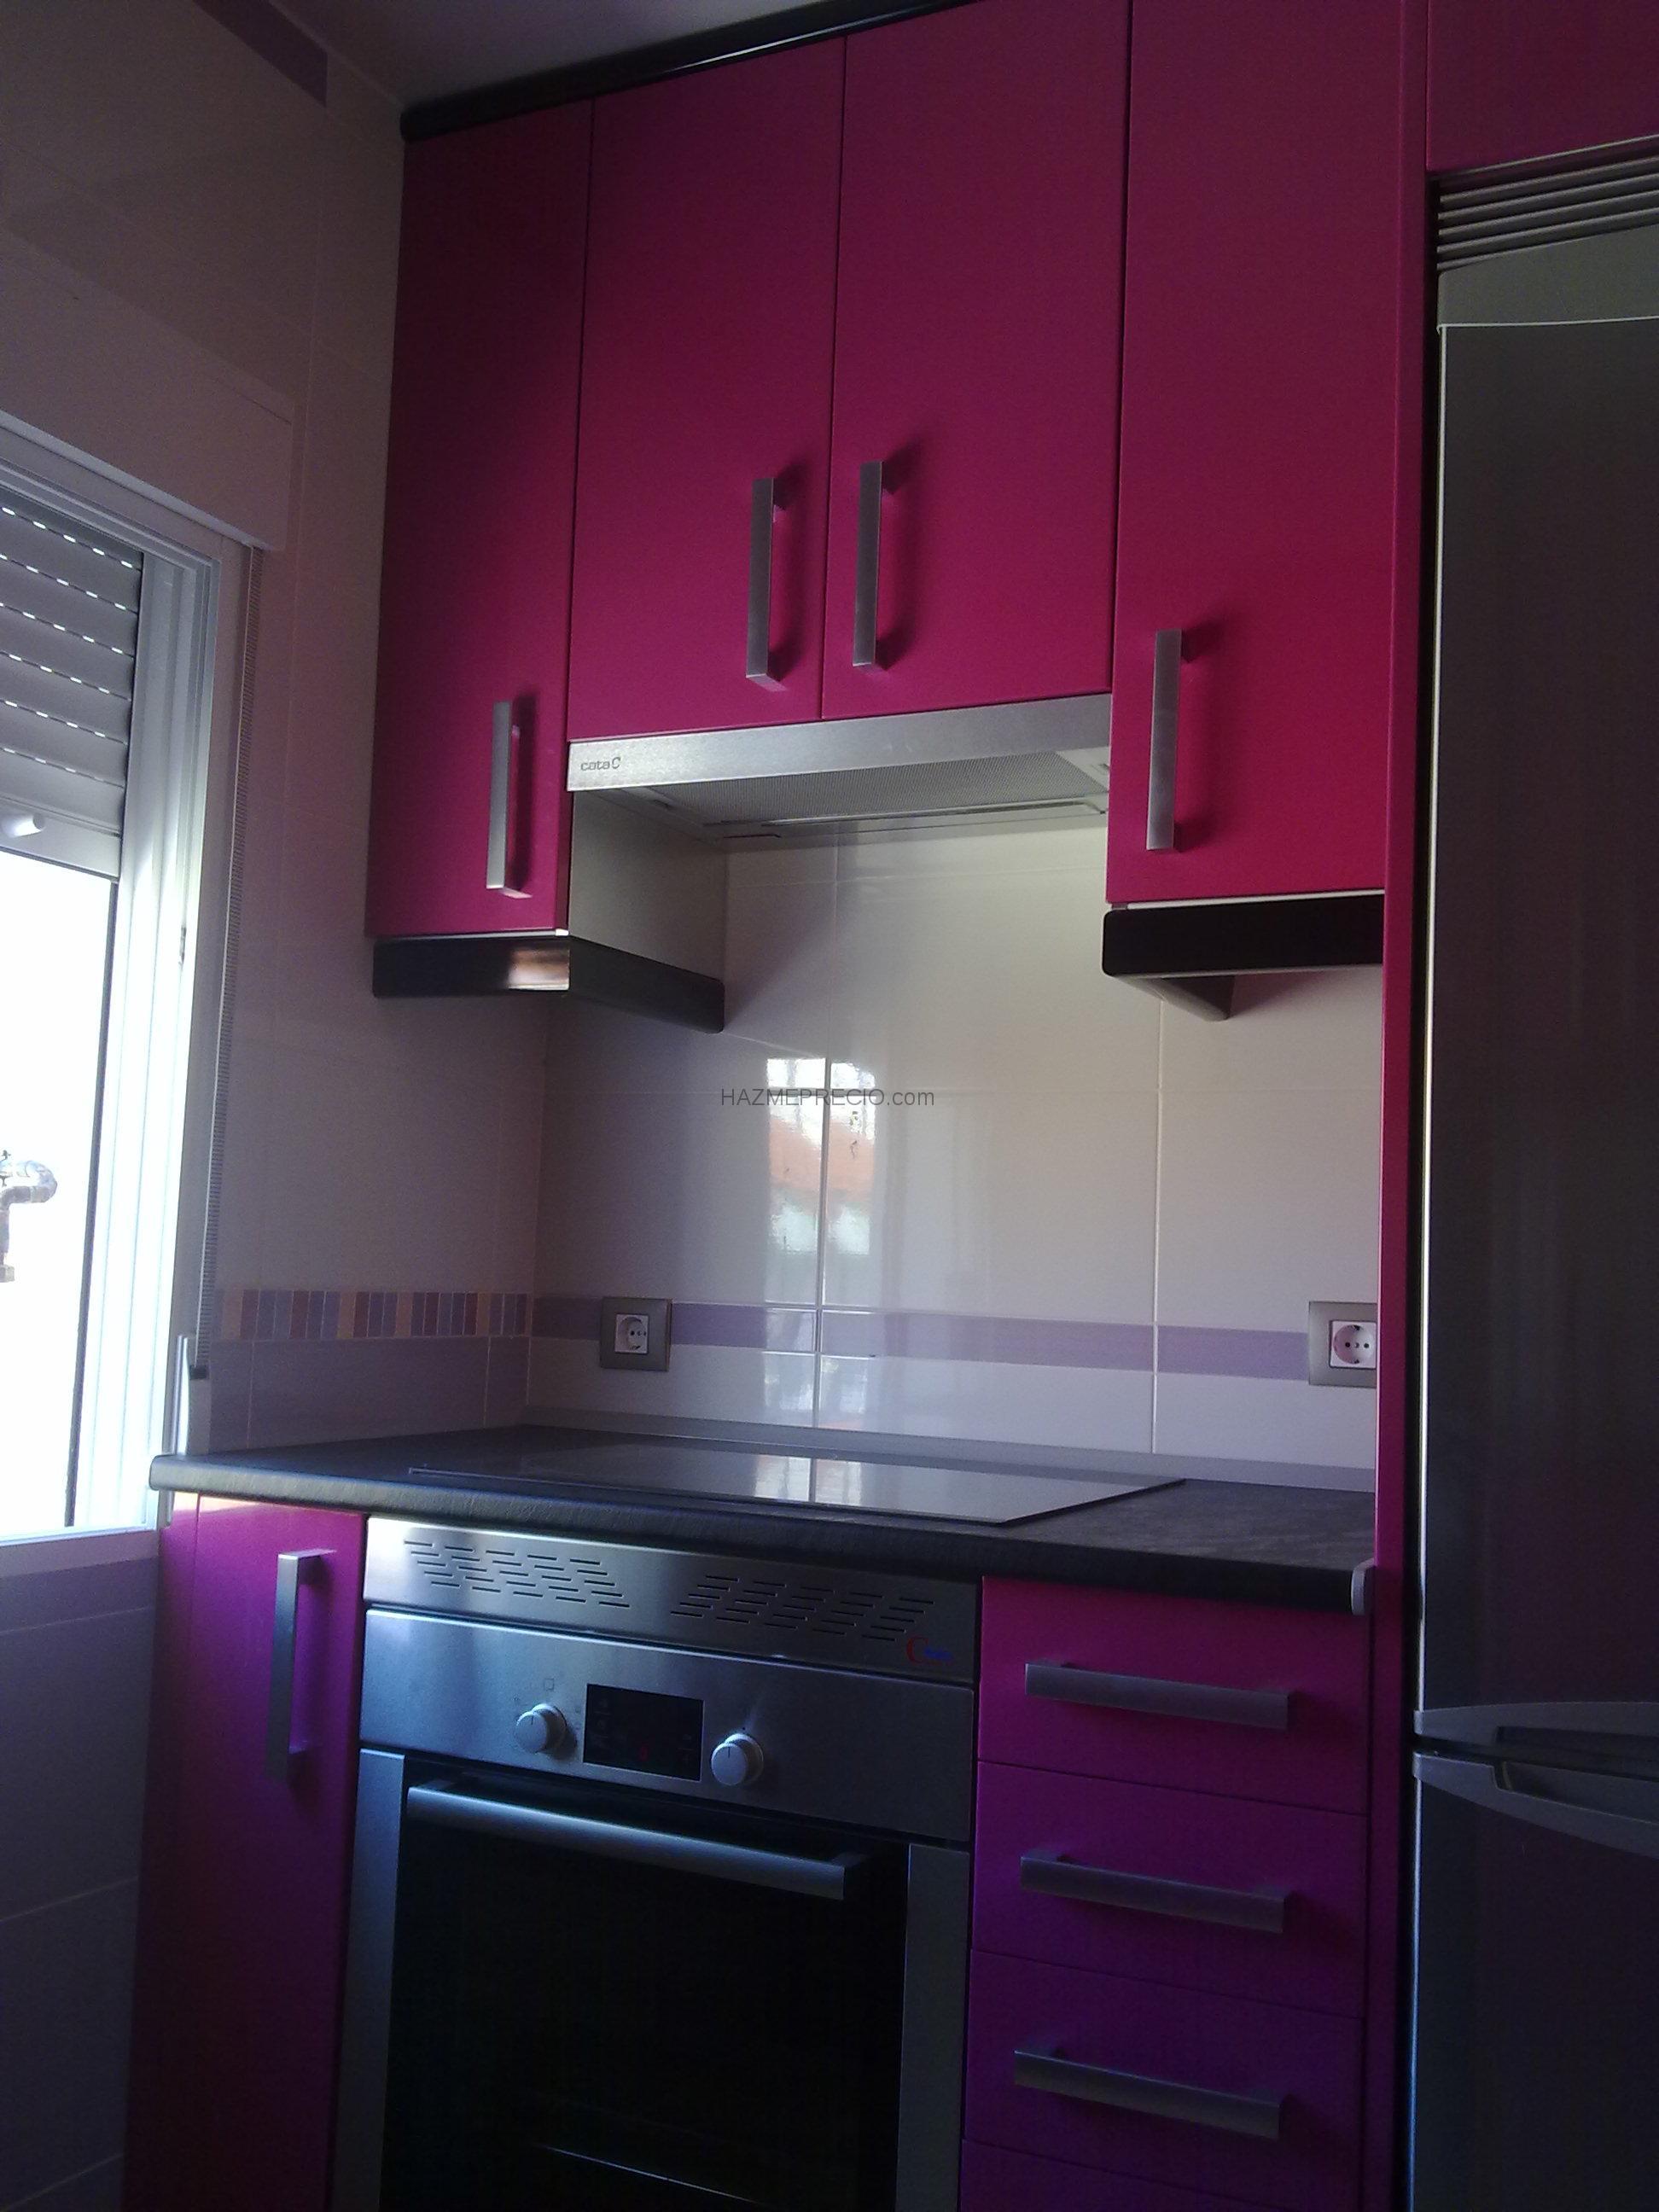 Muebles de cocina eurolar 28018 madrid madrid - Remates encimeras cocinas ...